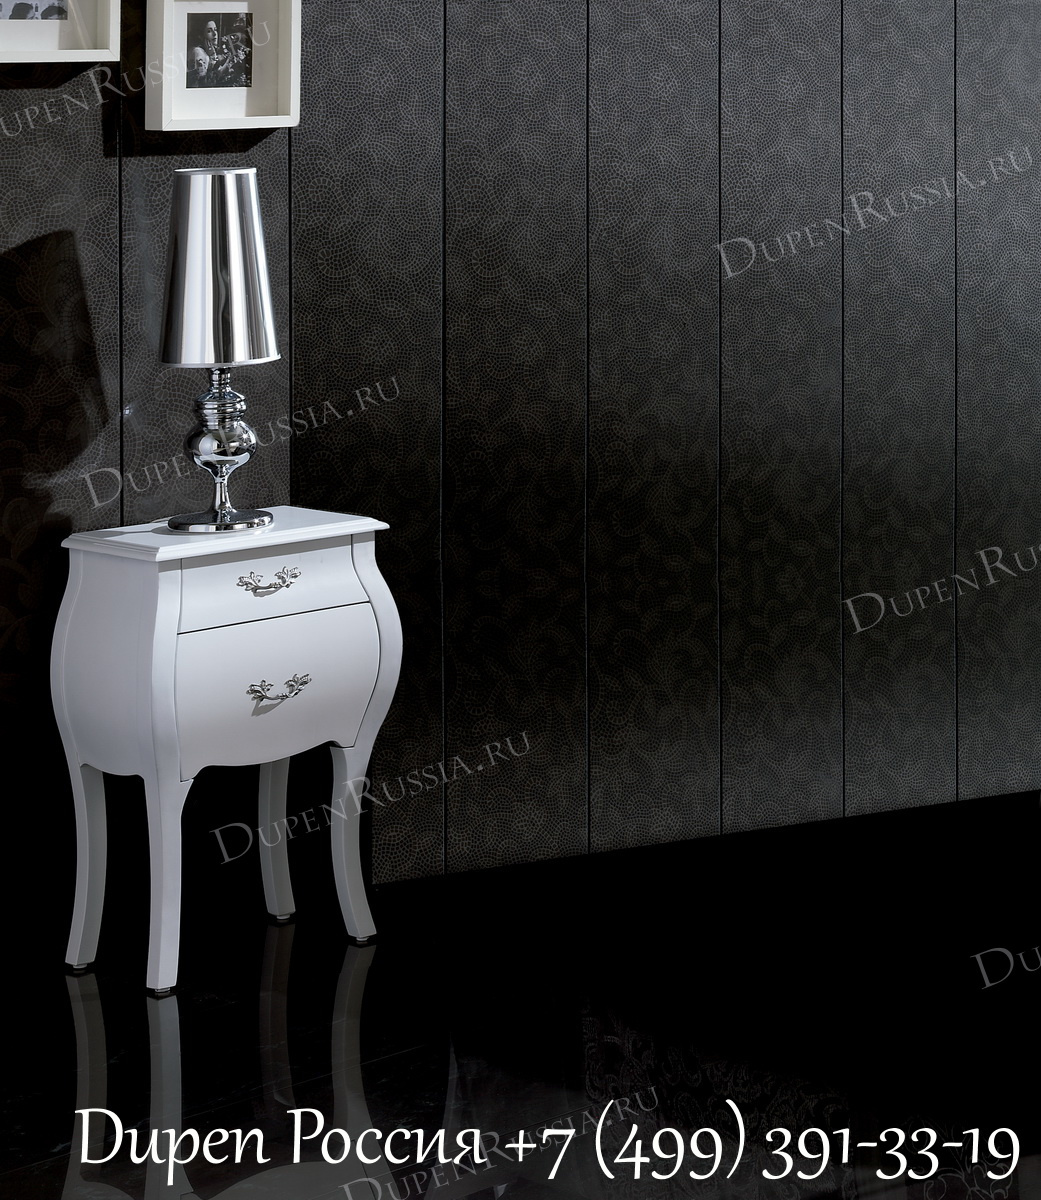 Светильник LT-3130L-C1C и тумбочка DUPEN M-93 белая